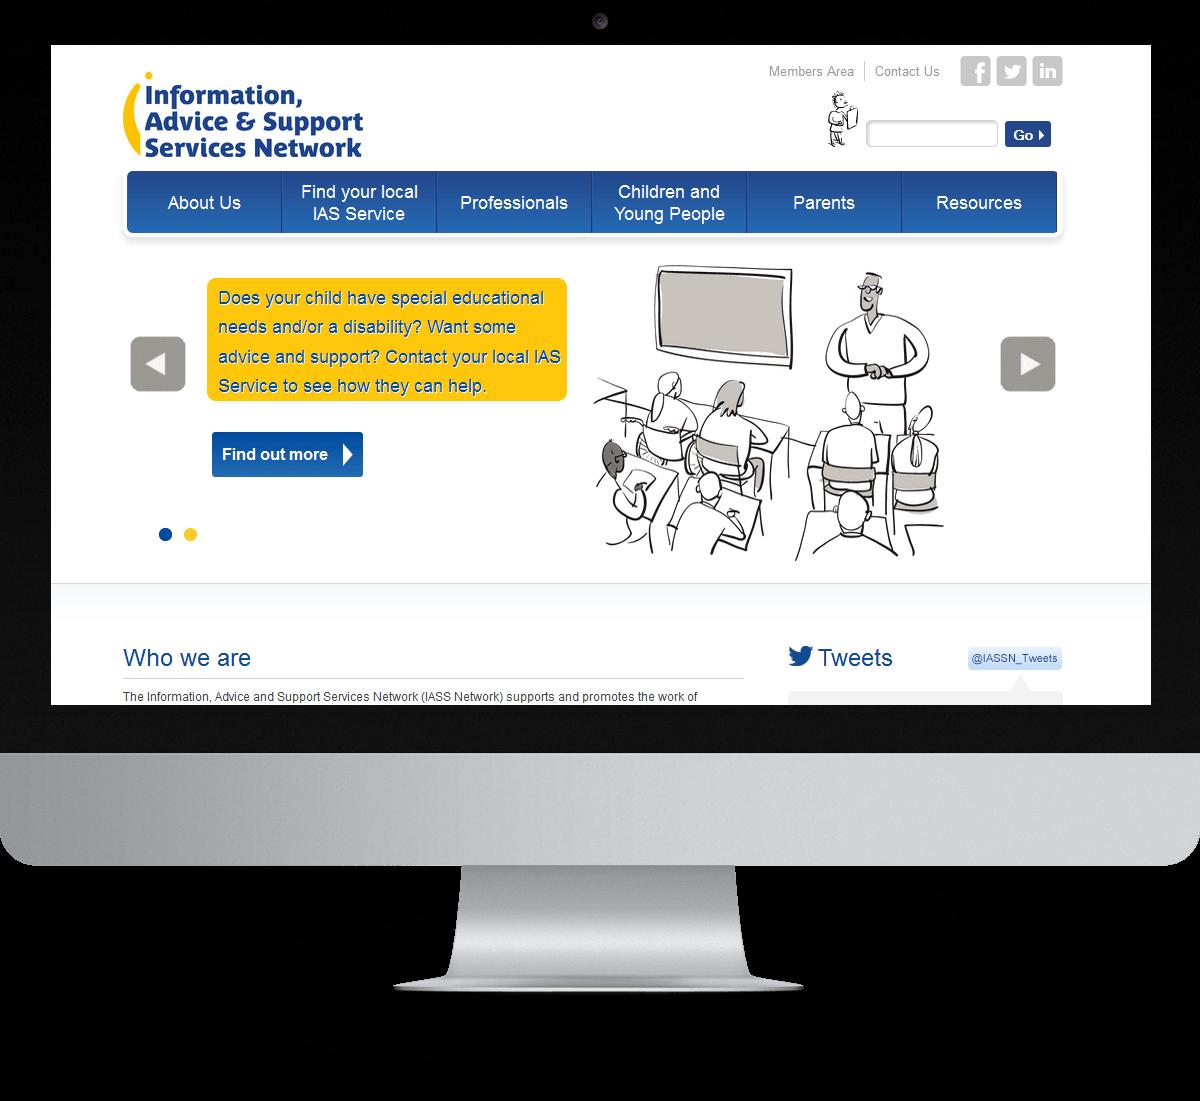 IASS Network website